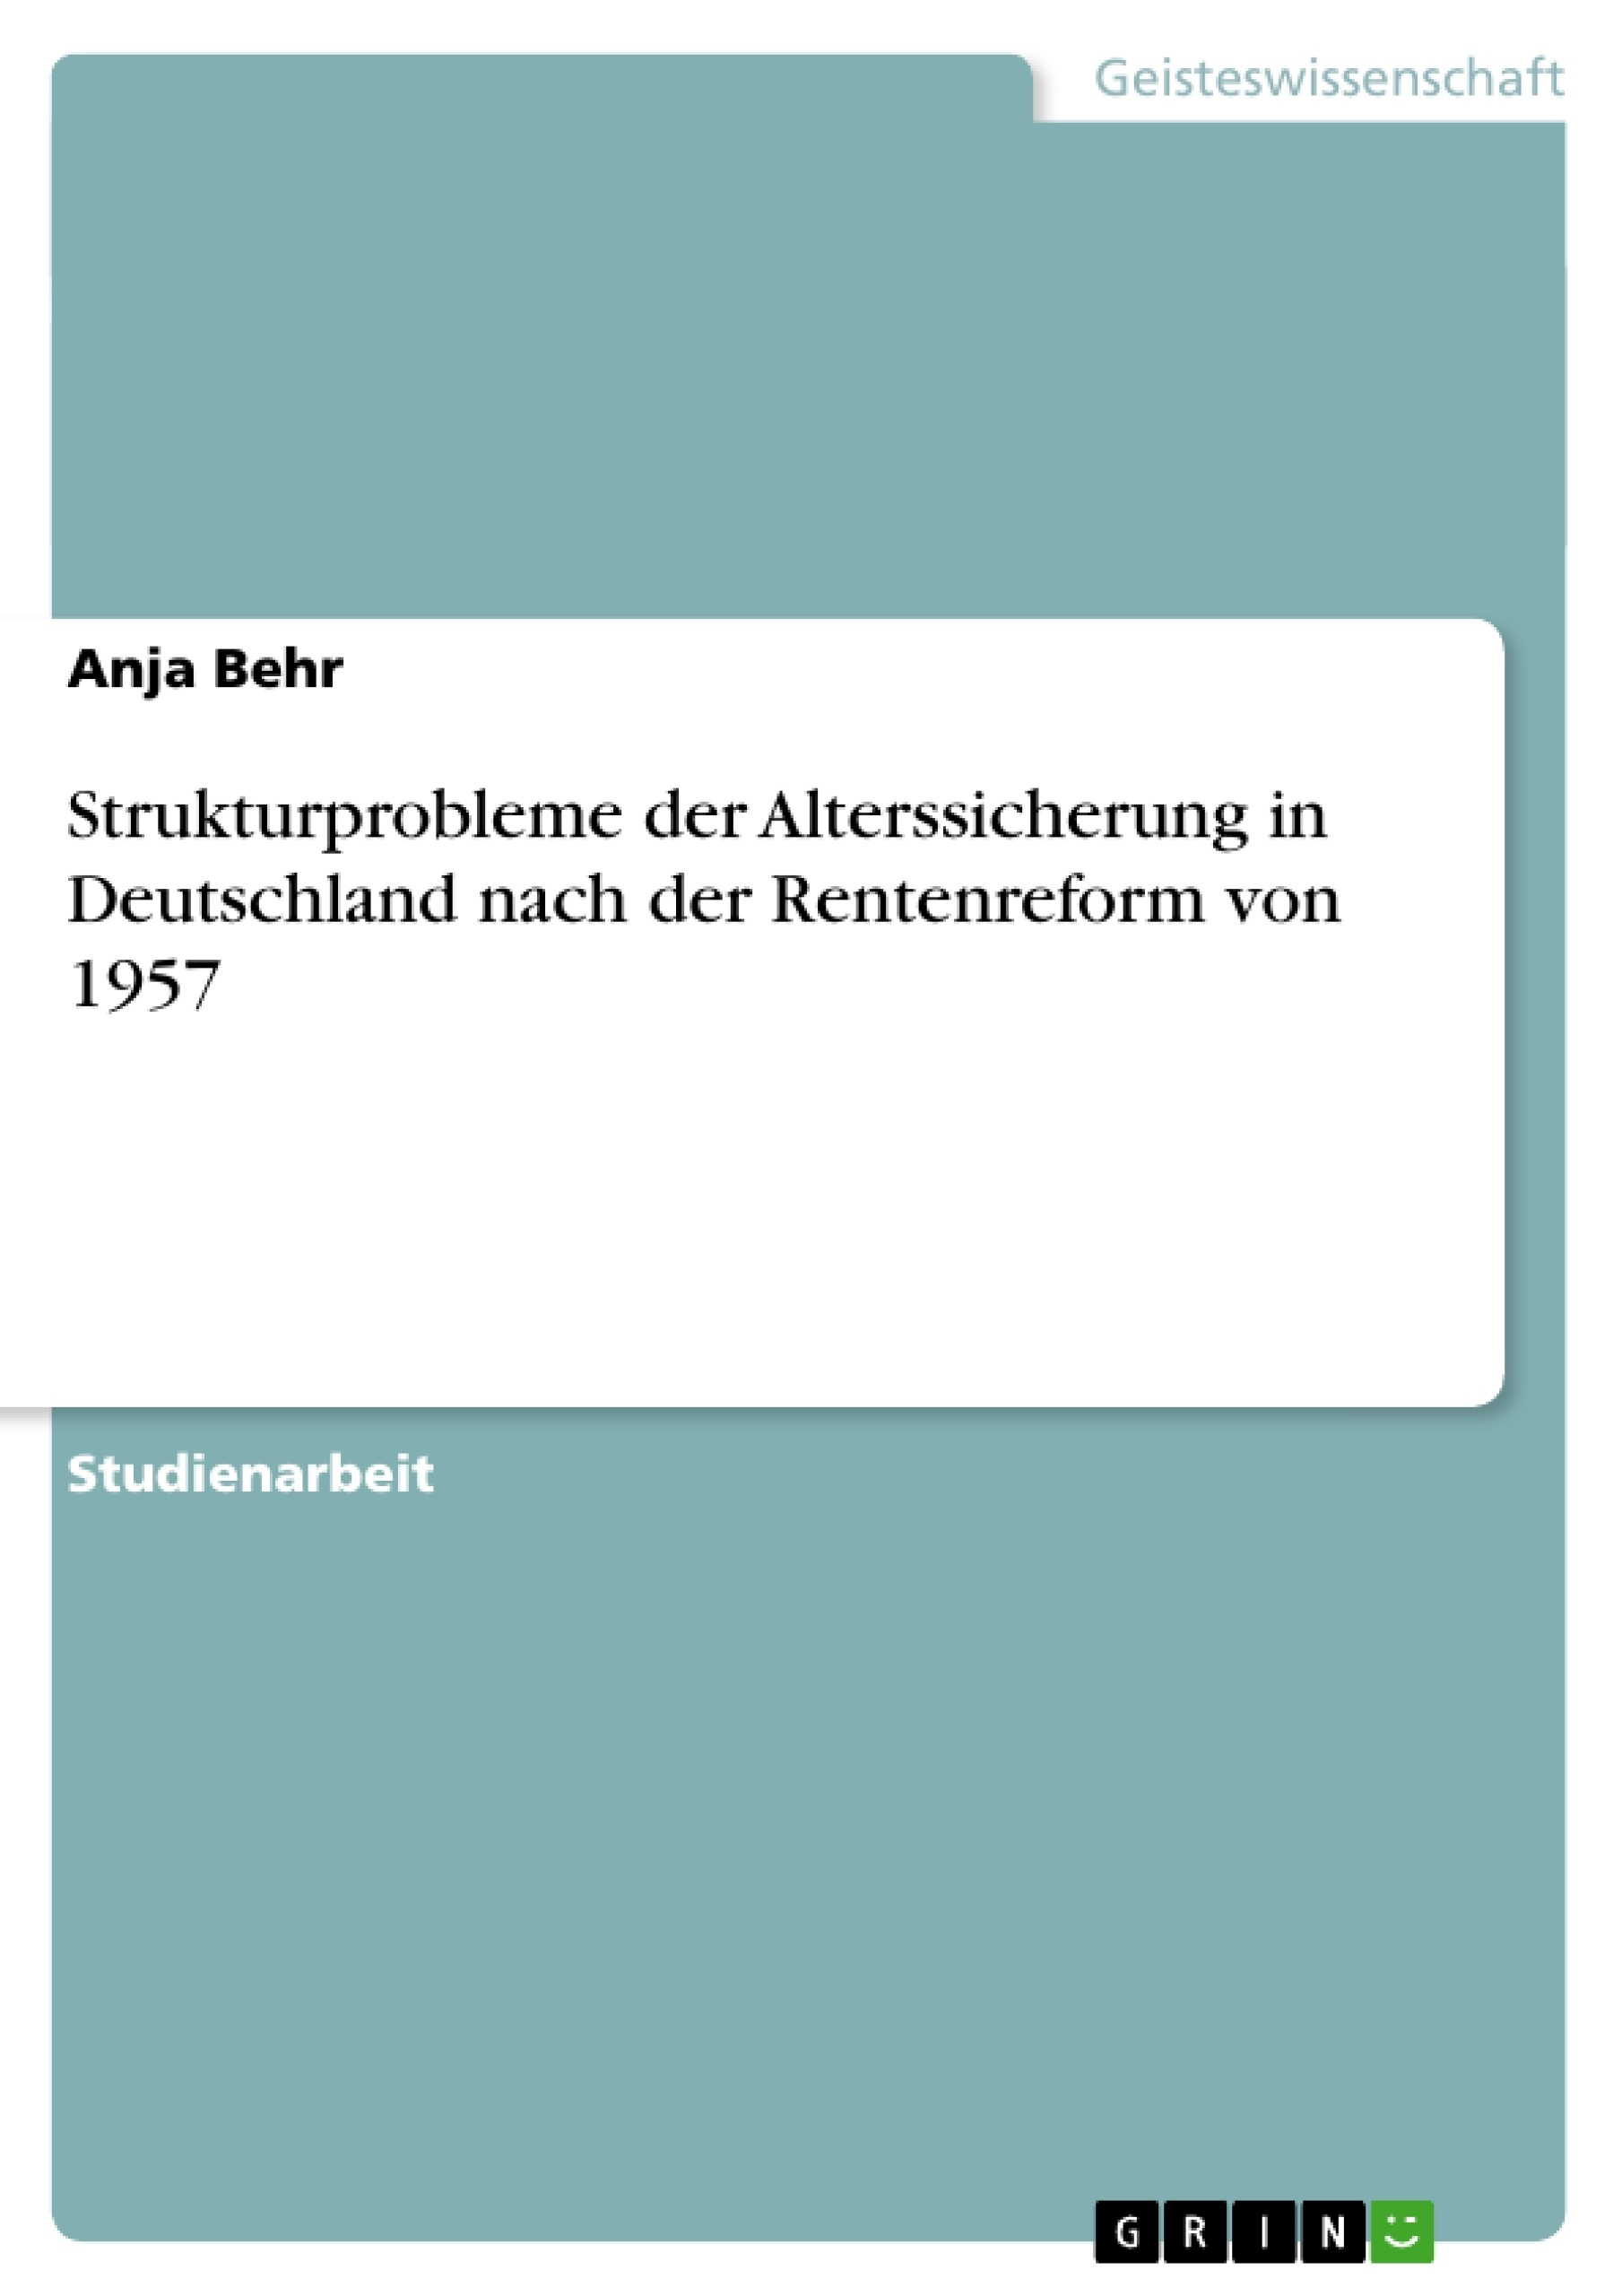 Titel: Strukturprobleme der Alterssicherung in Deutschland nach der Rentenreform von 1957